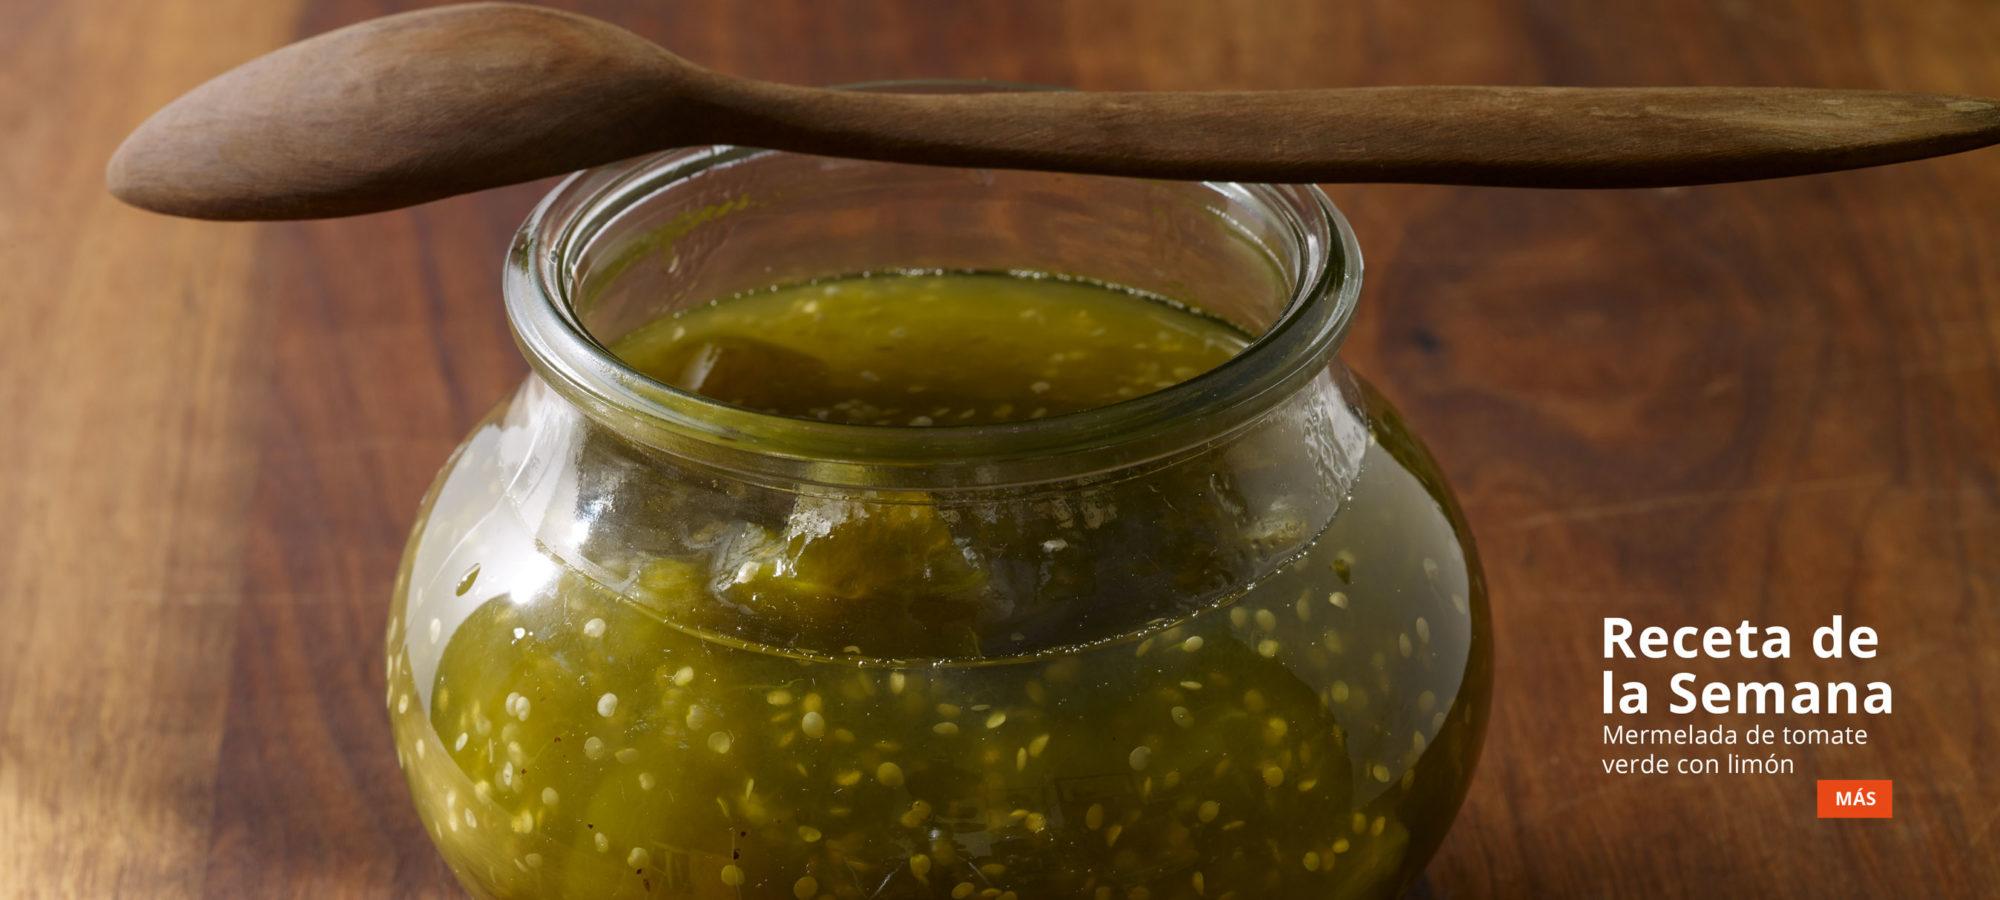 receta de la semana Mermelada de tomate verde con limón